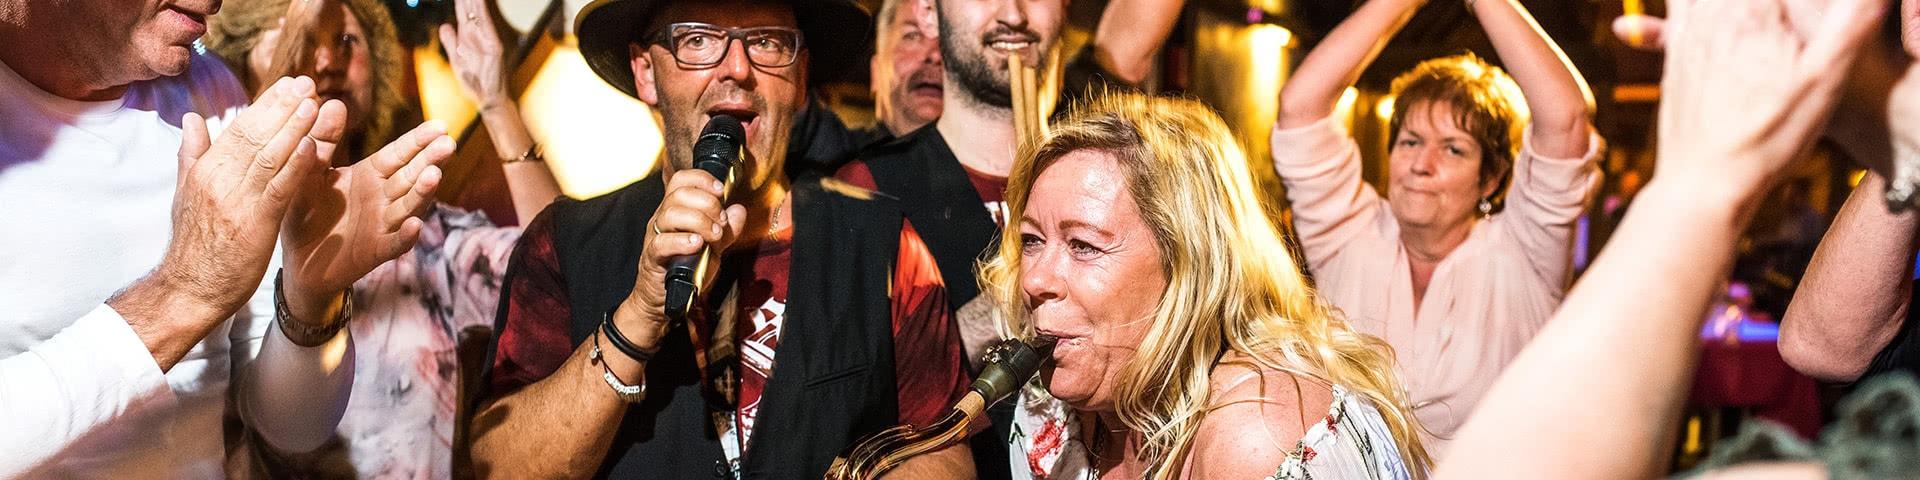 Band macht gemeinsam mit den Gästen Party auf der Tanzfläche einer Disco in Cochem